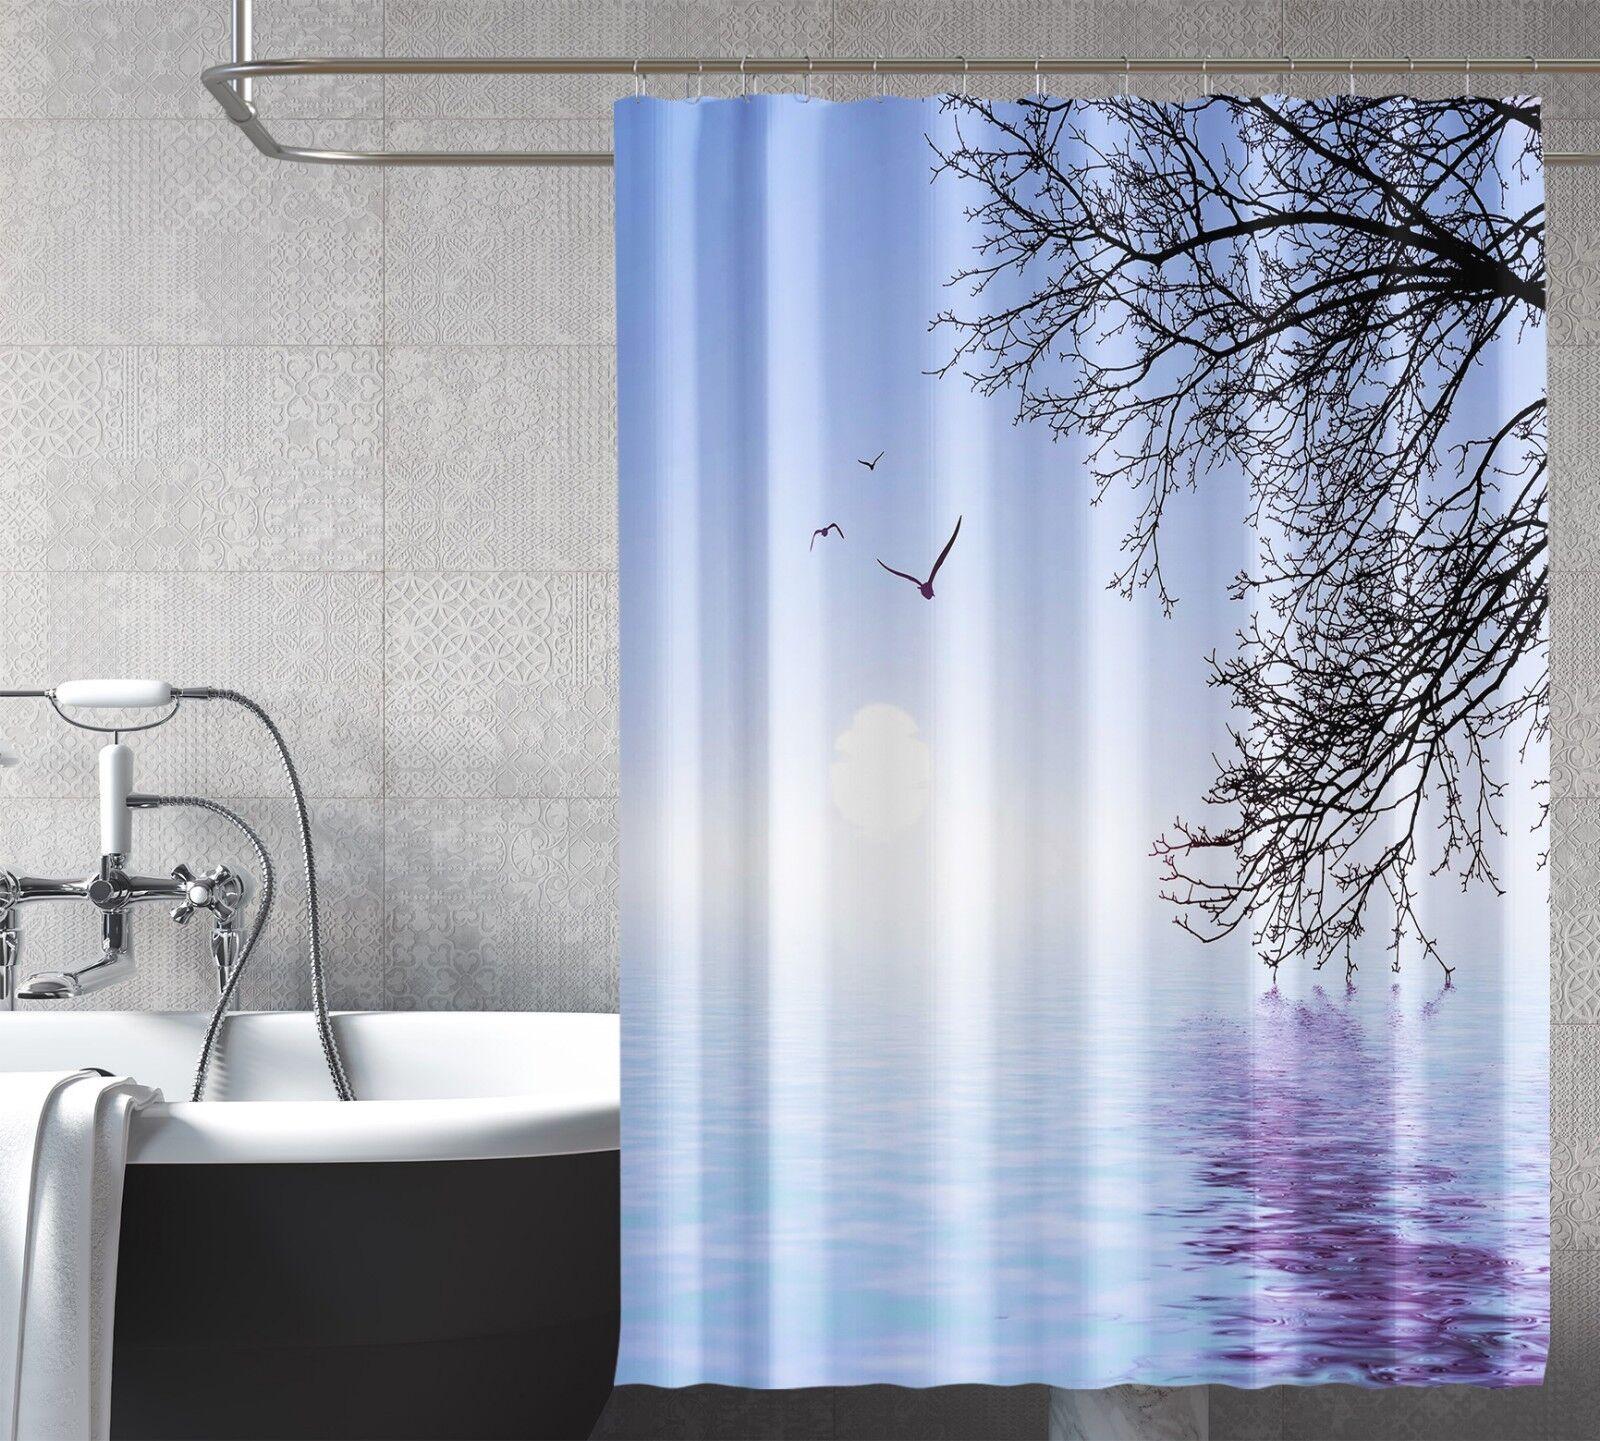 3D Vogel See Baum 72 Duschvorhang Wasserdicht Faser Bad Bad Bad Daheim Windows Toilette | Rabatt  f93d9b